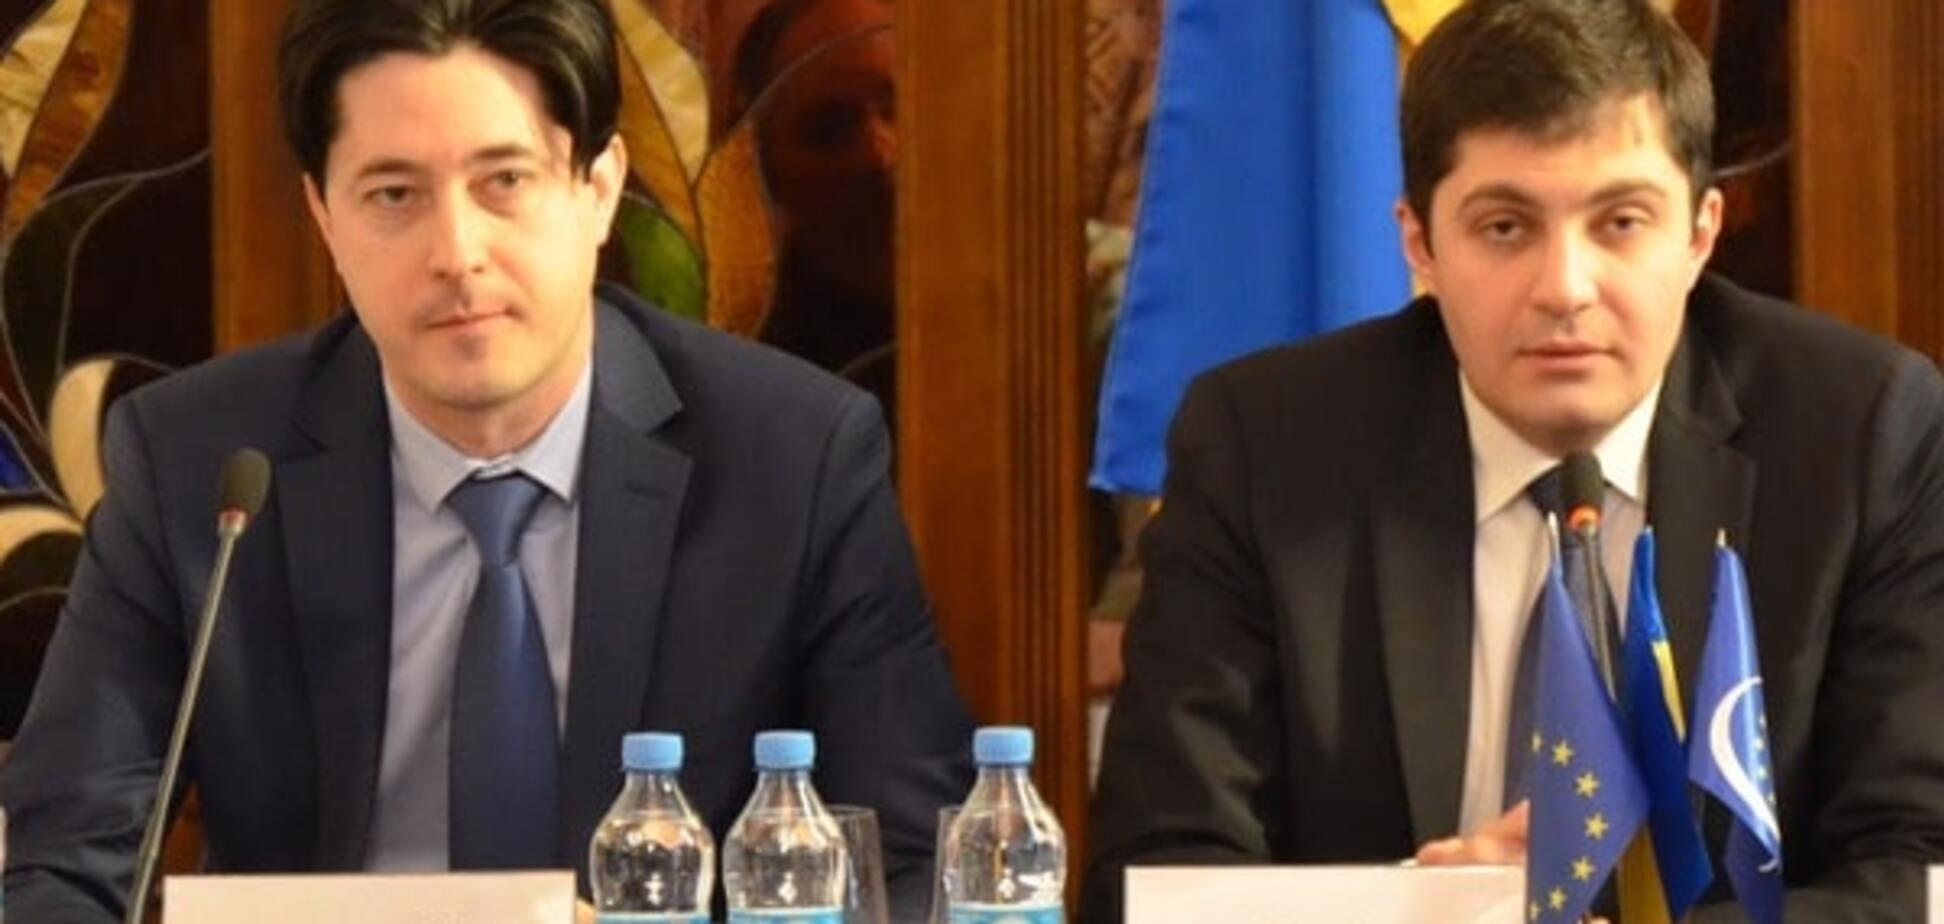 Давид Сакварелидзе, Виталий Касько